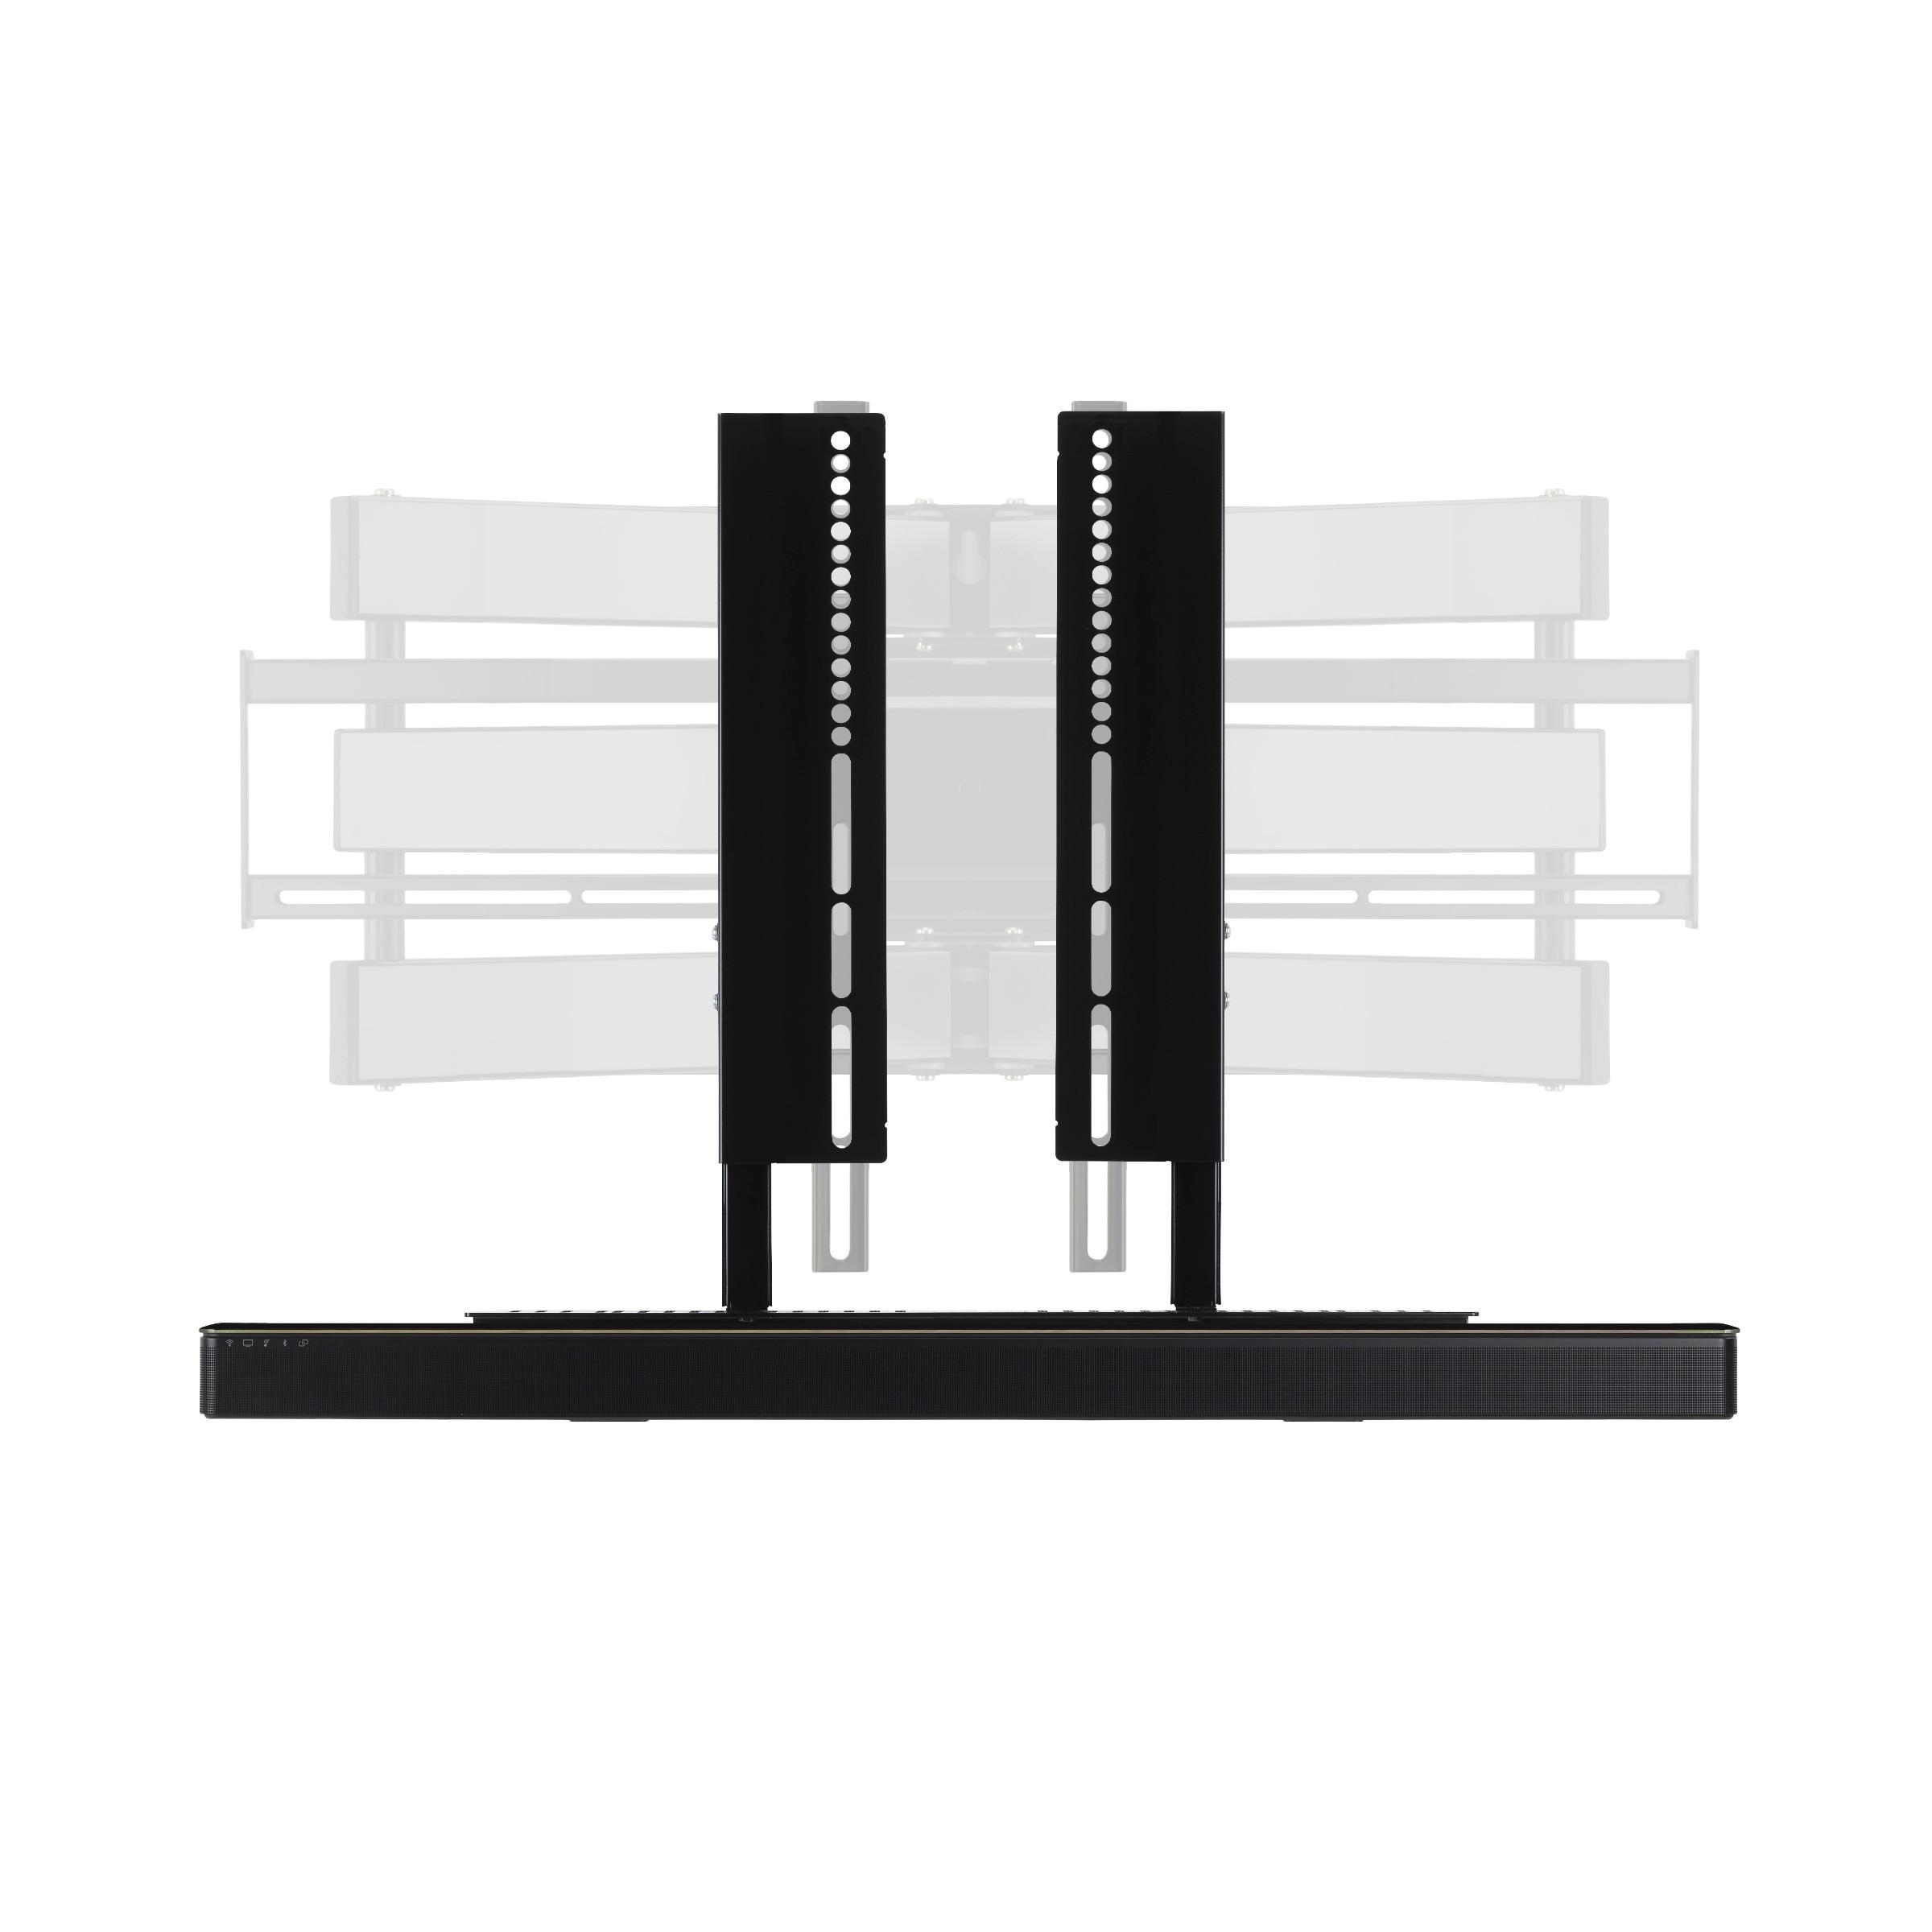 Bose SoundTouch 300 Soundbar TV beugel 1